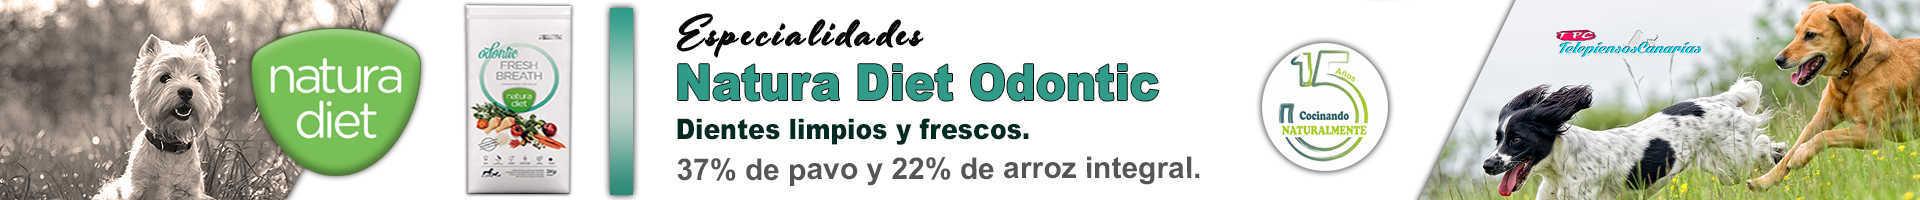 Natura diet odontic, dientes limpios y frescos, alimento saludable